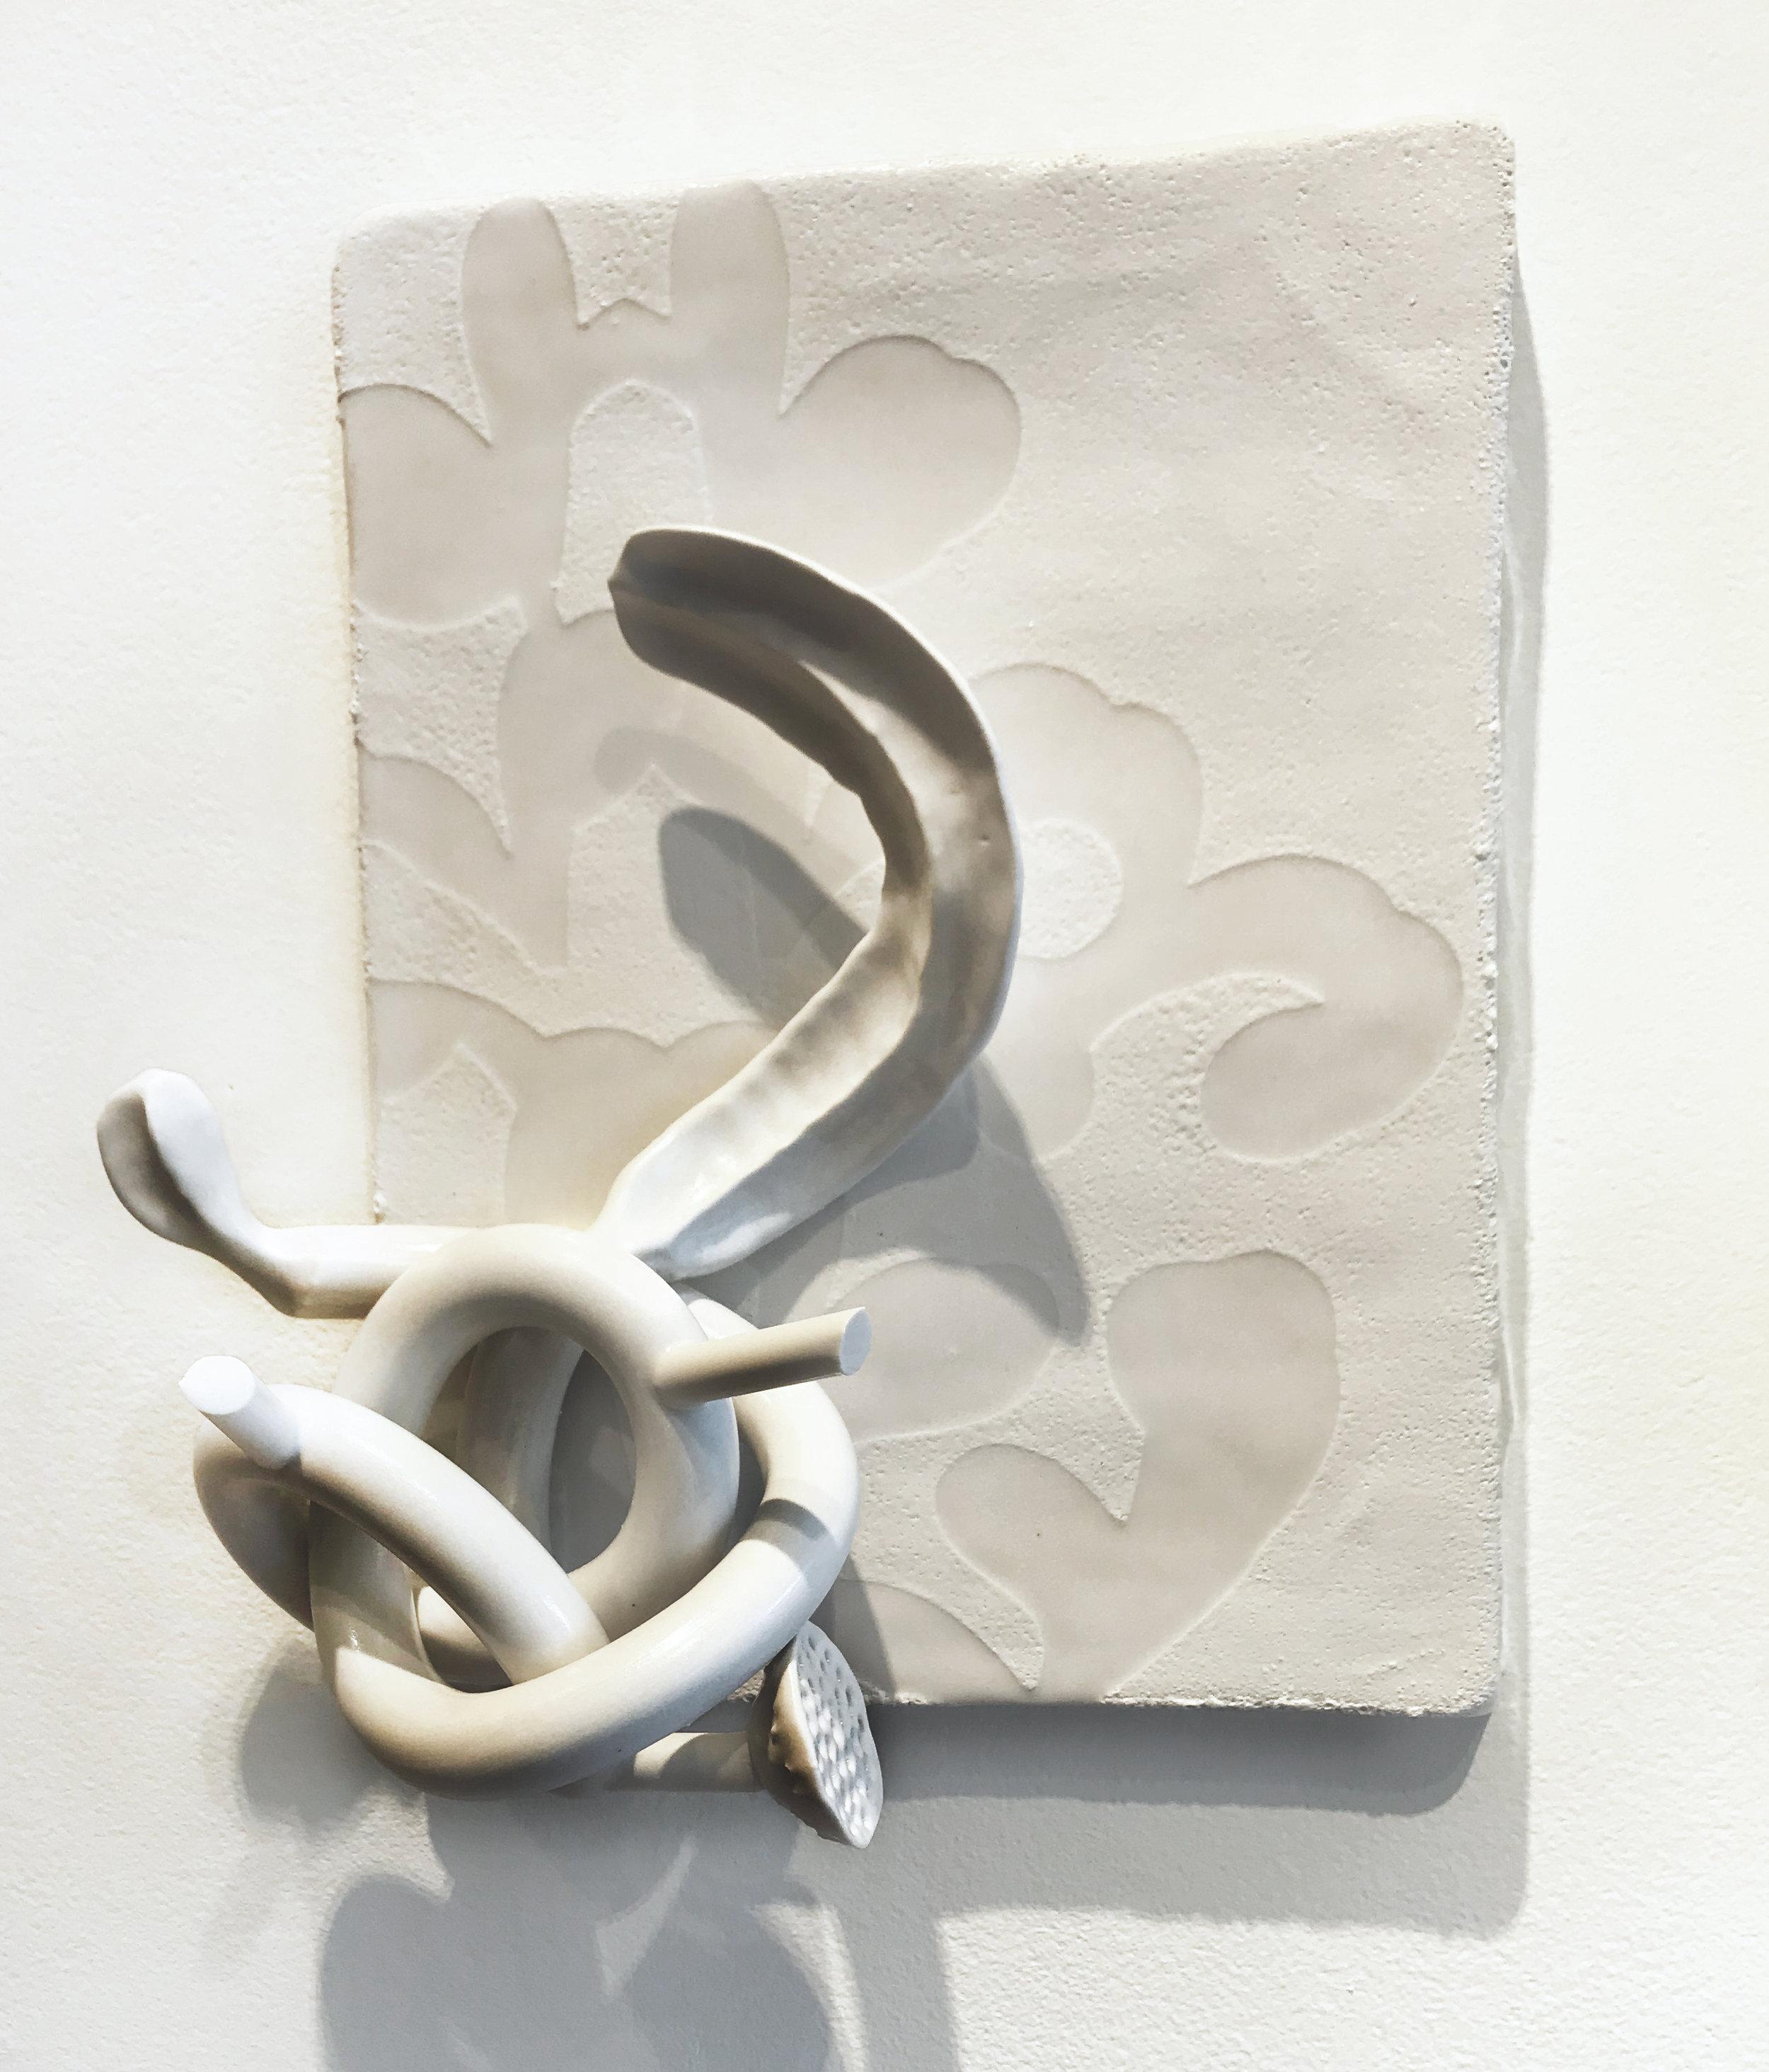 sculpture33.jpg